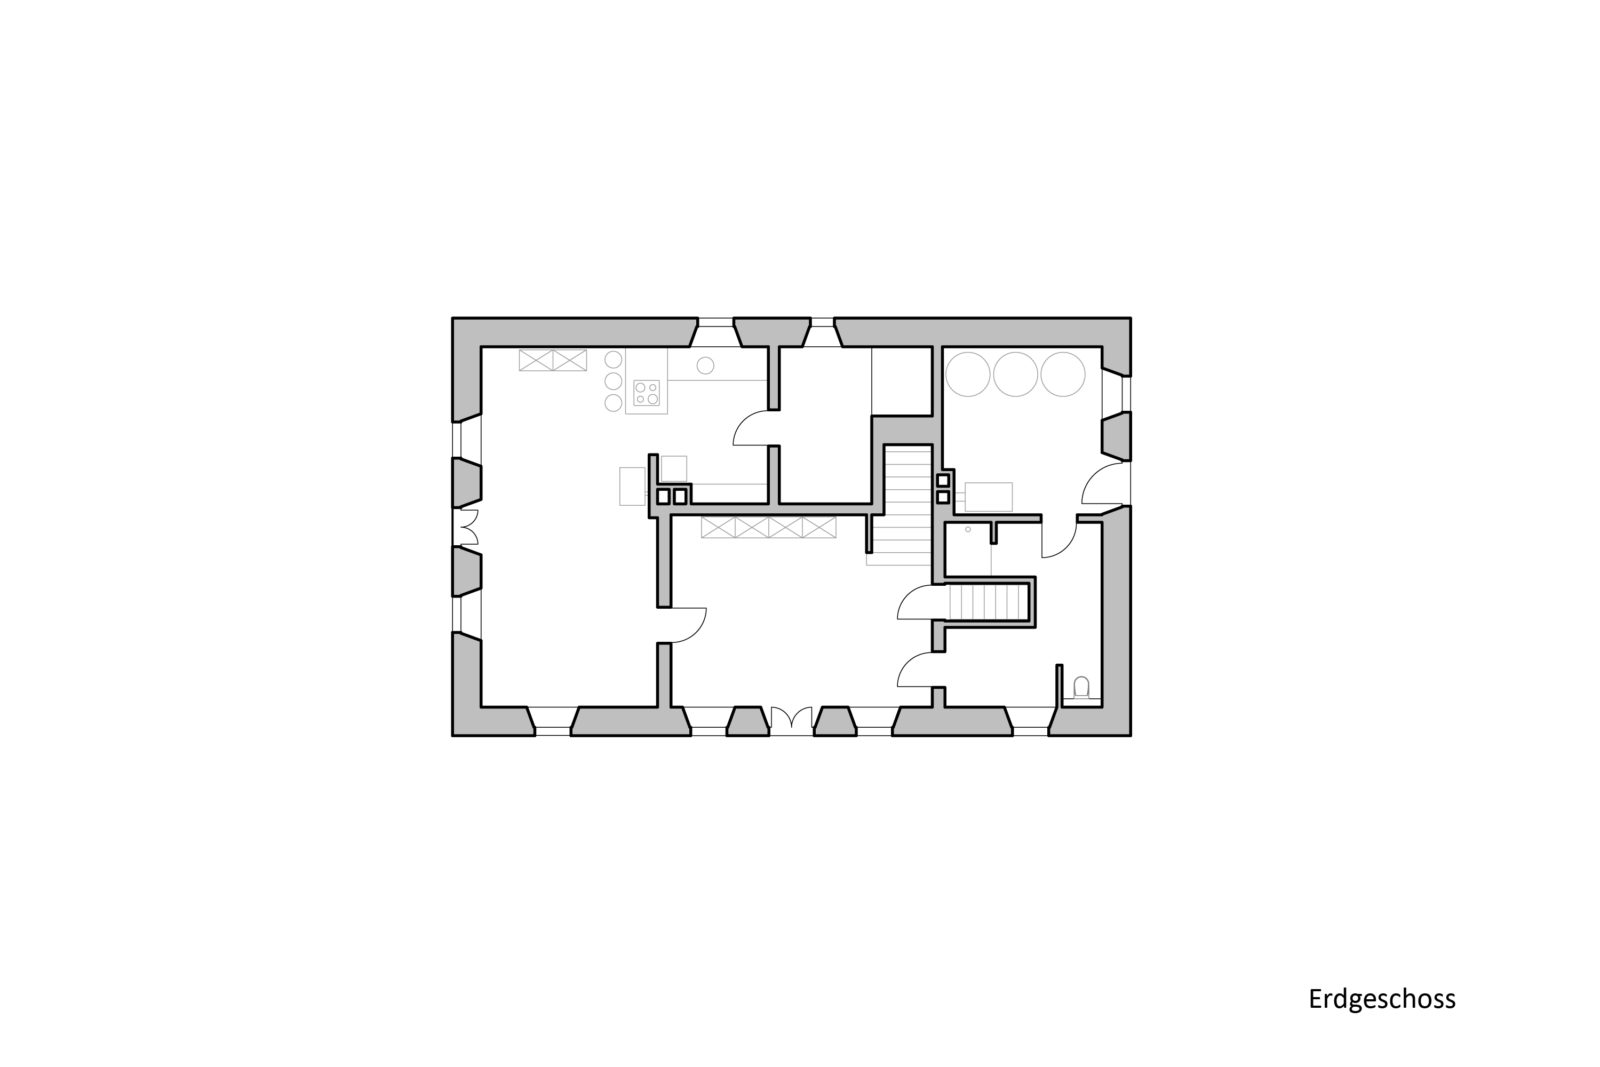 Umbau und Sanierung Baudenkmal Rentmeisterhaus in Püchau - Grundriss Erdgeschoss